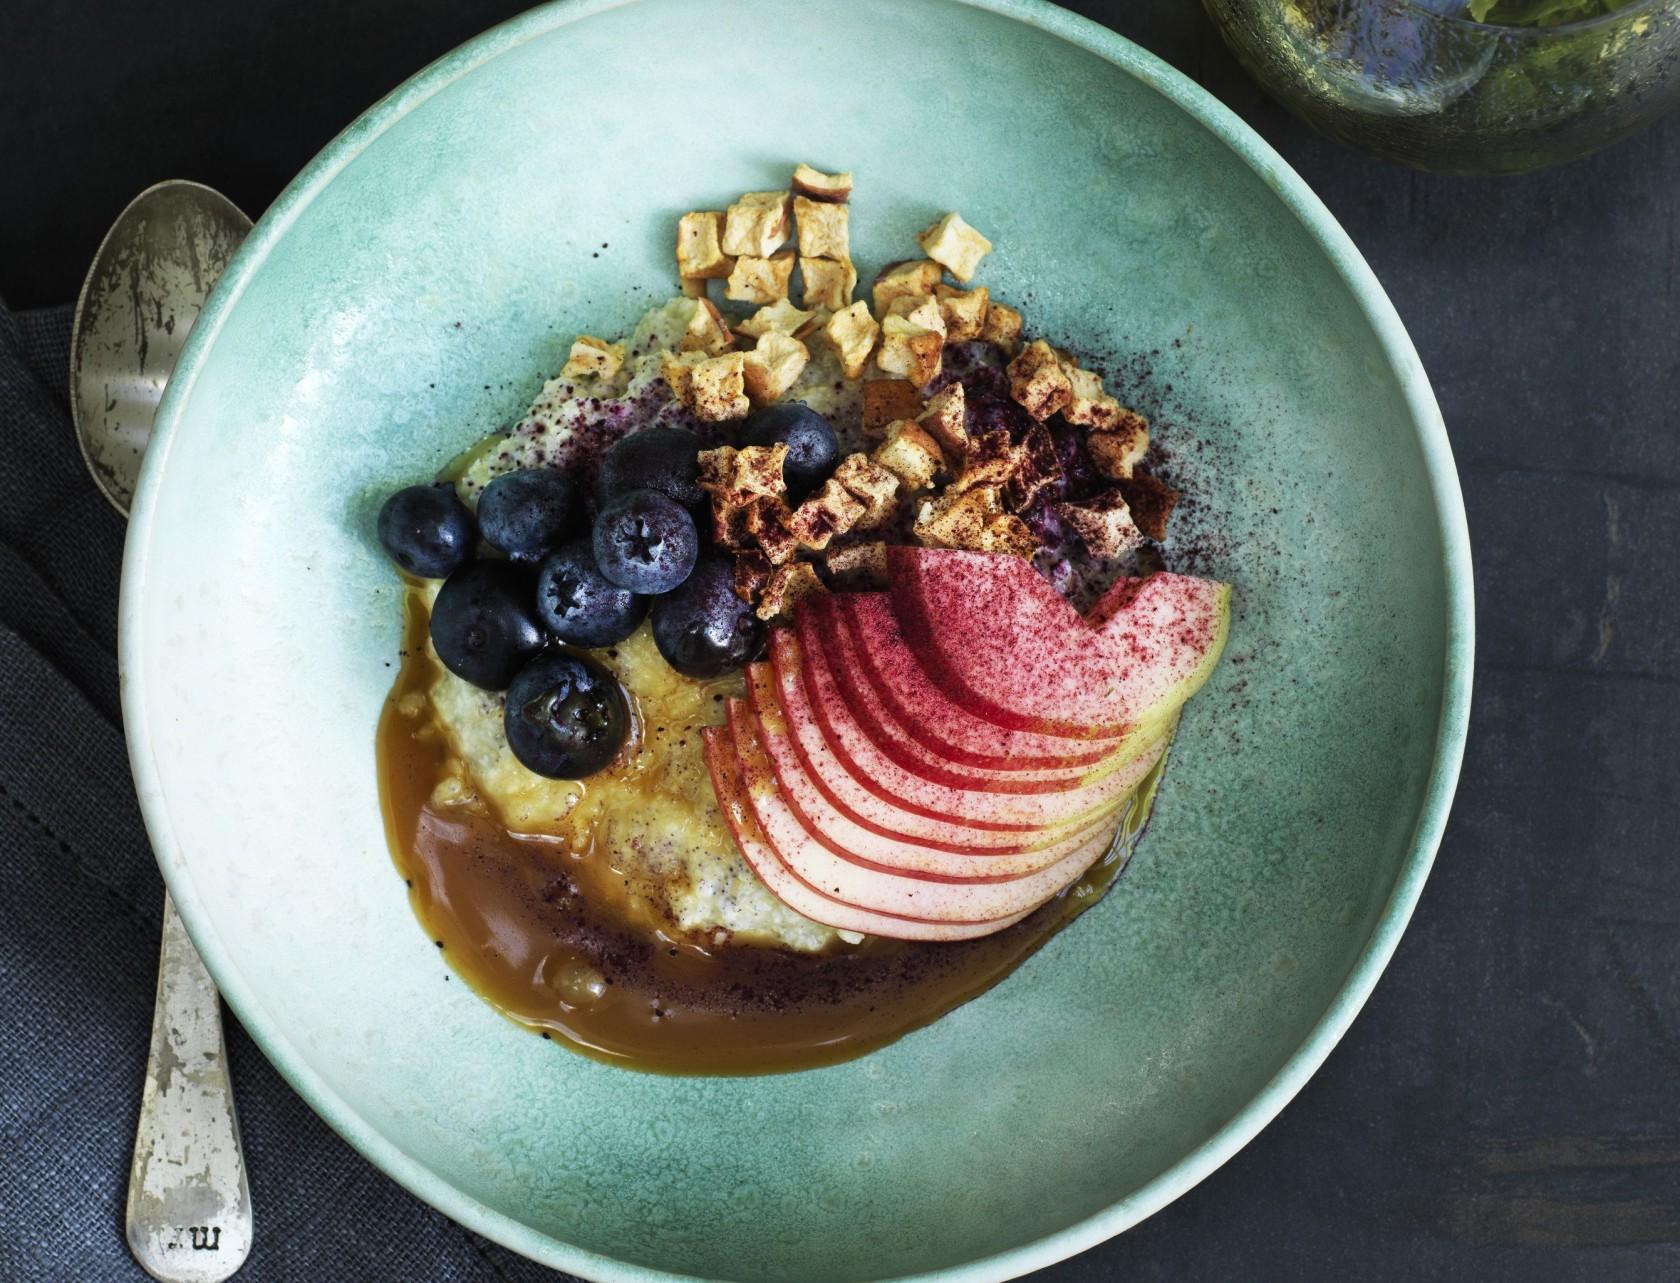 Hirsegrød med æble, blåbær og karamelsauce - god opskrift på lækker morgenmad.